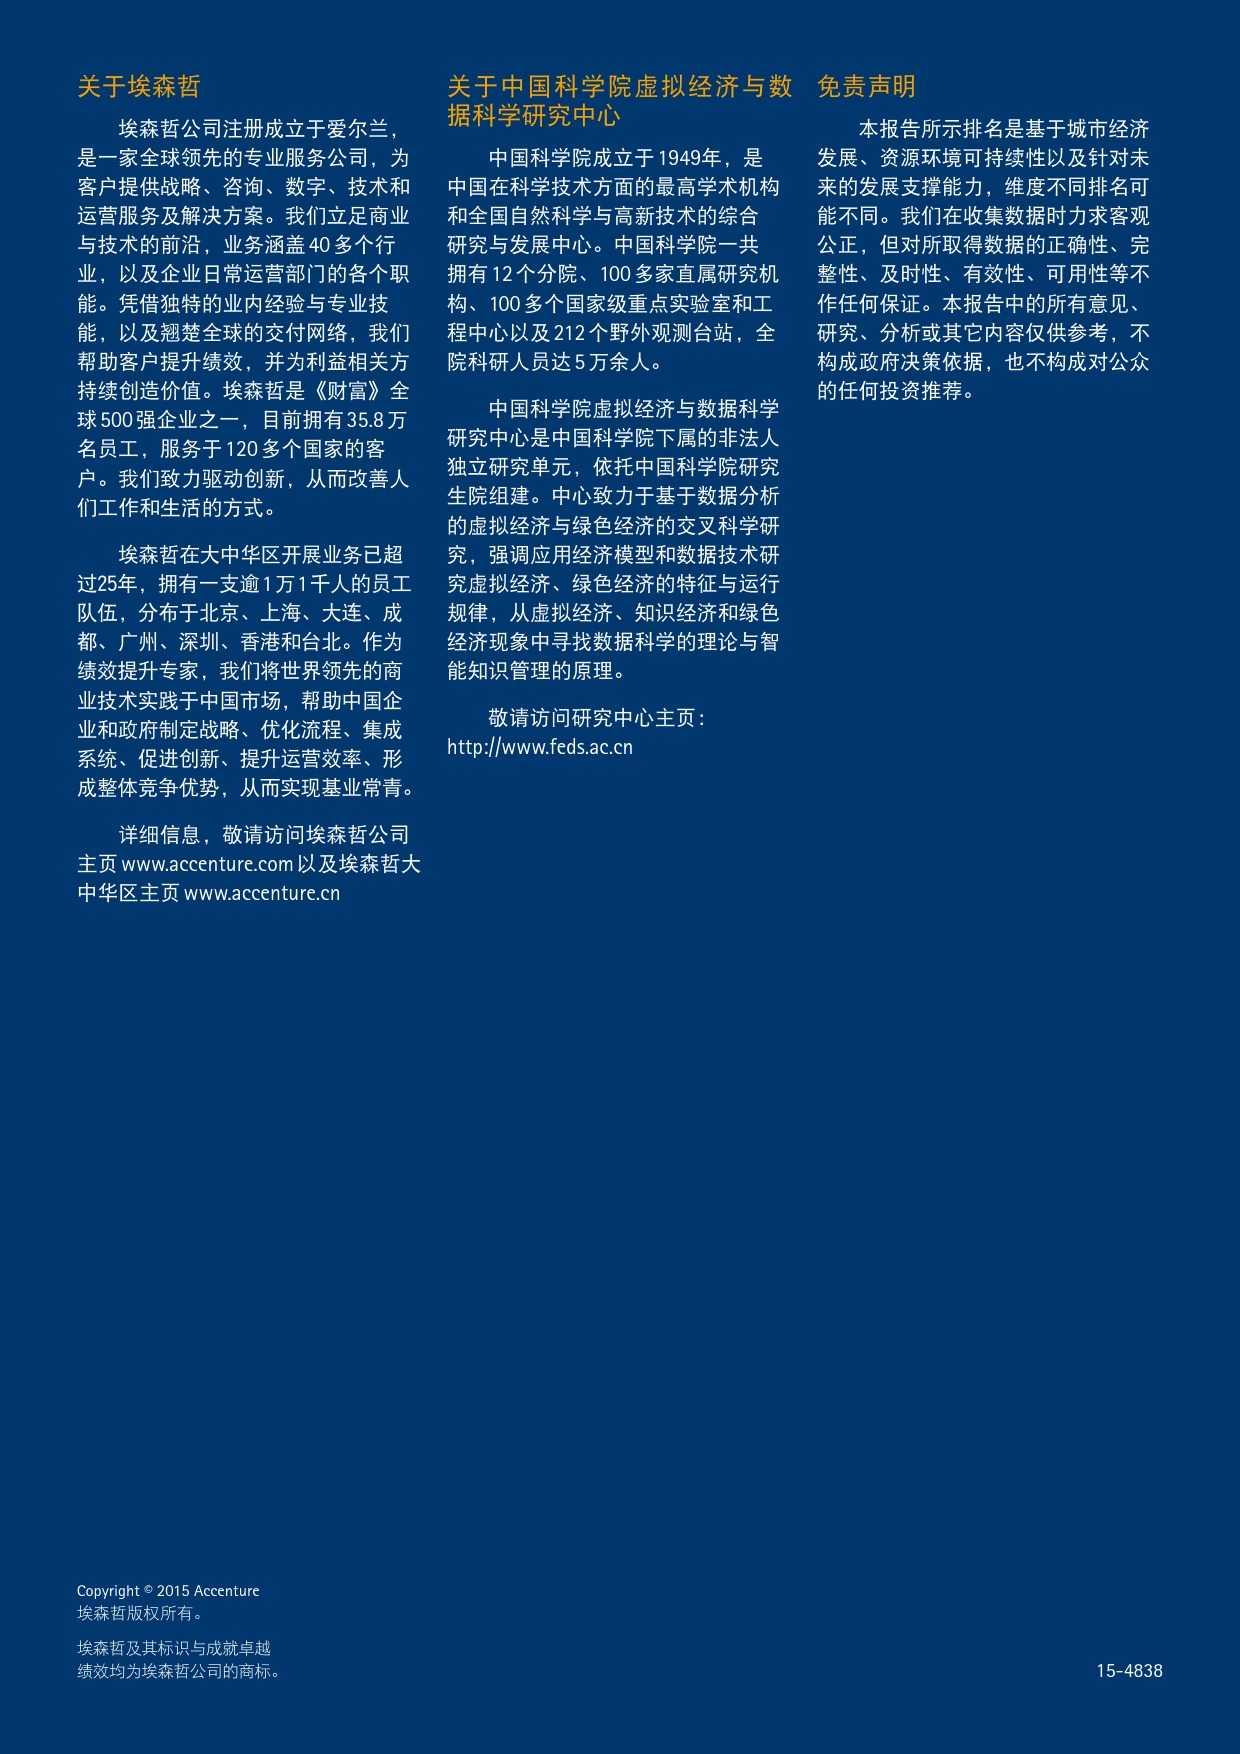 埃森哲&中科院:2015年新资源经济城市指数_000032